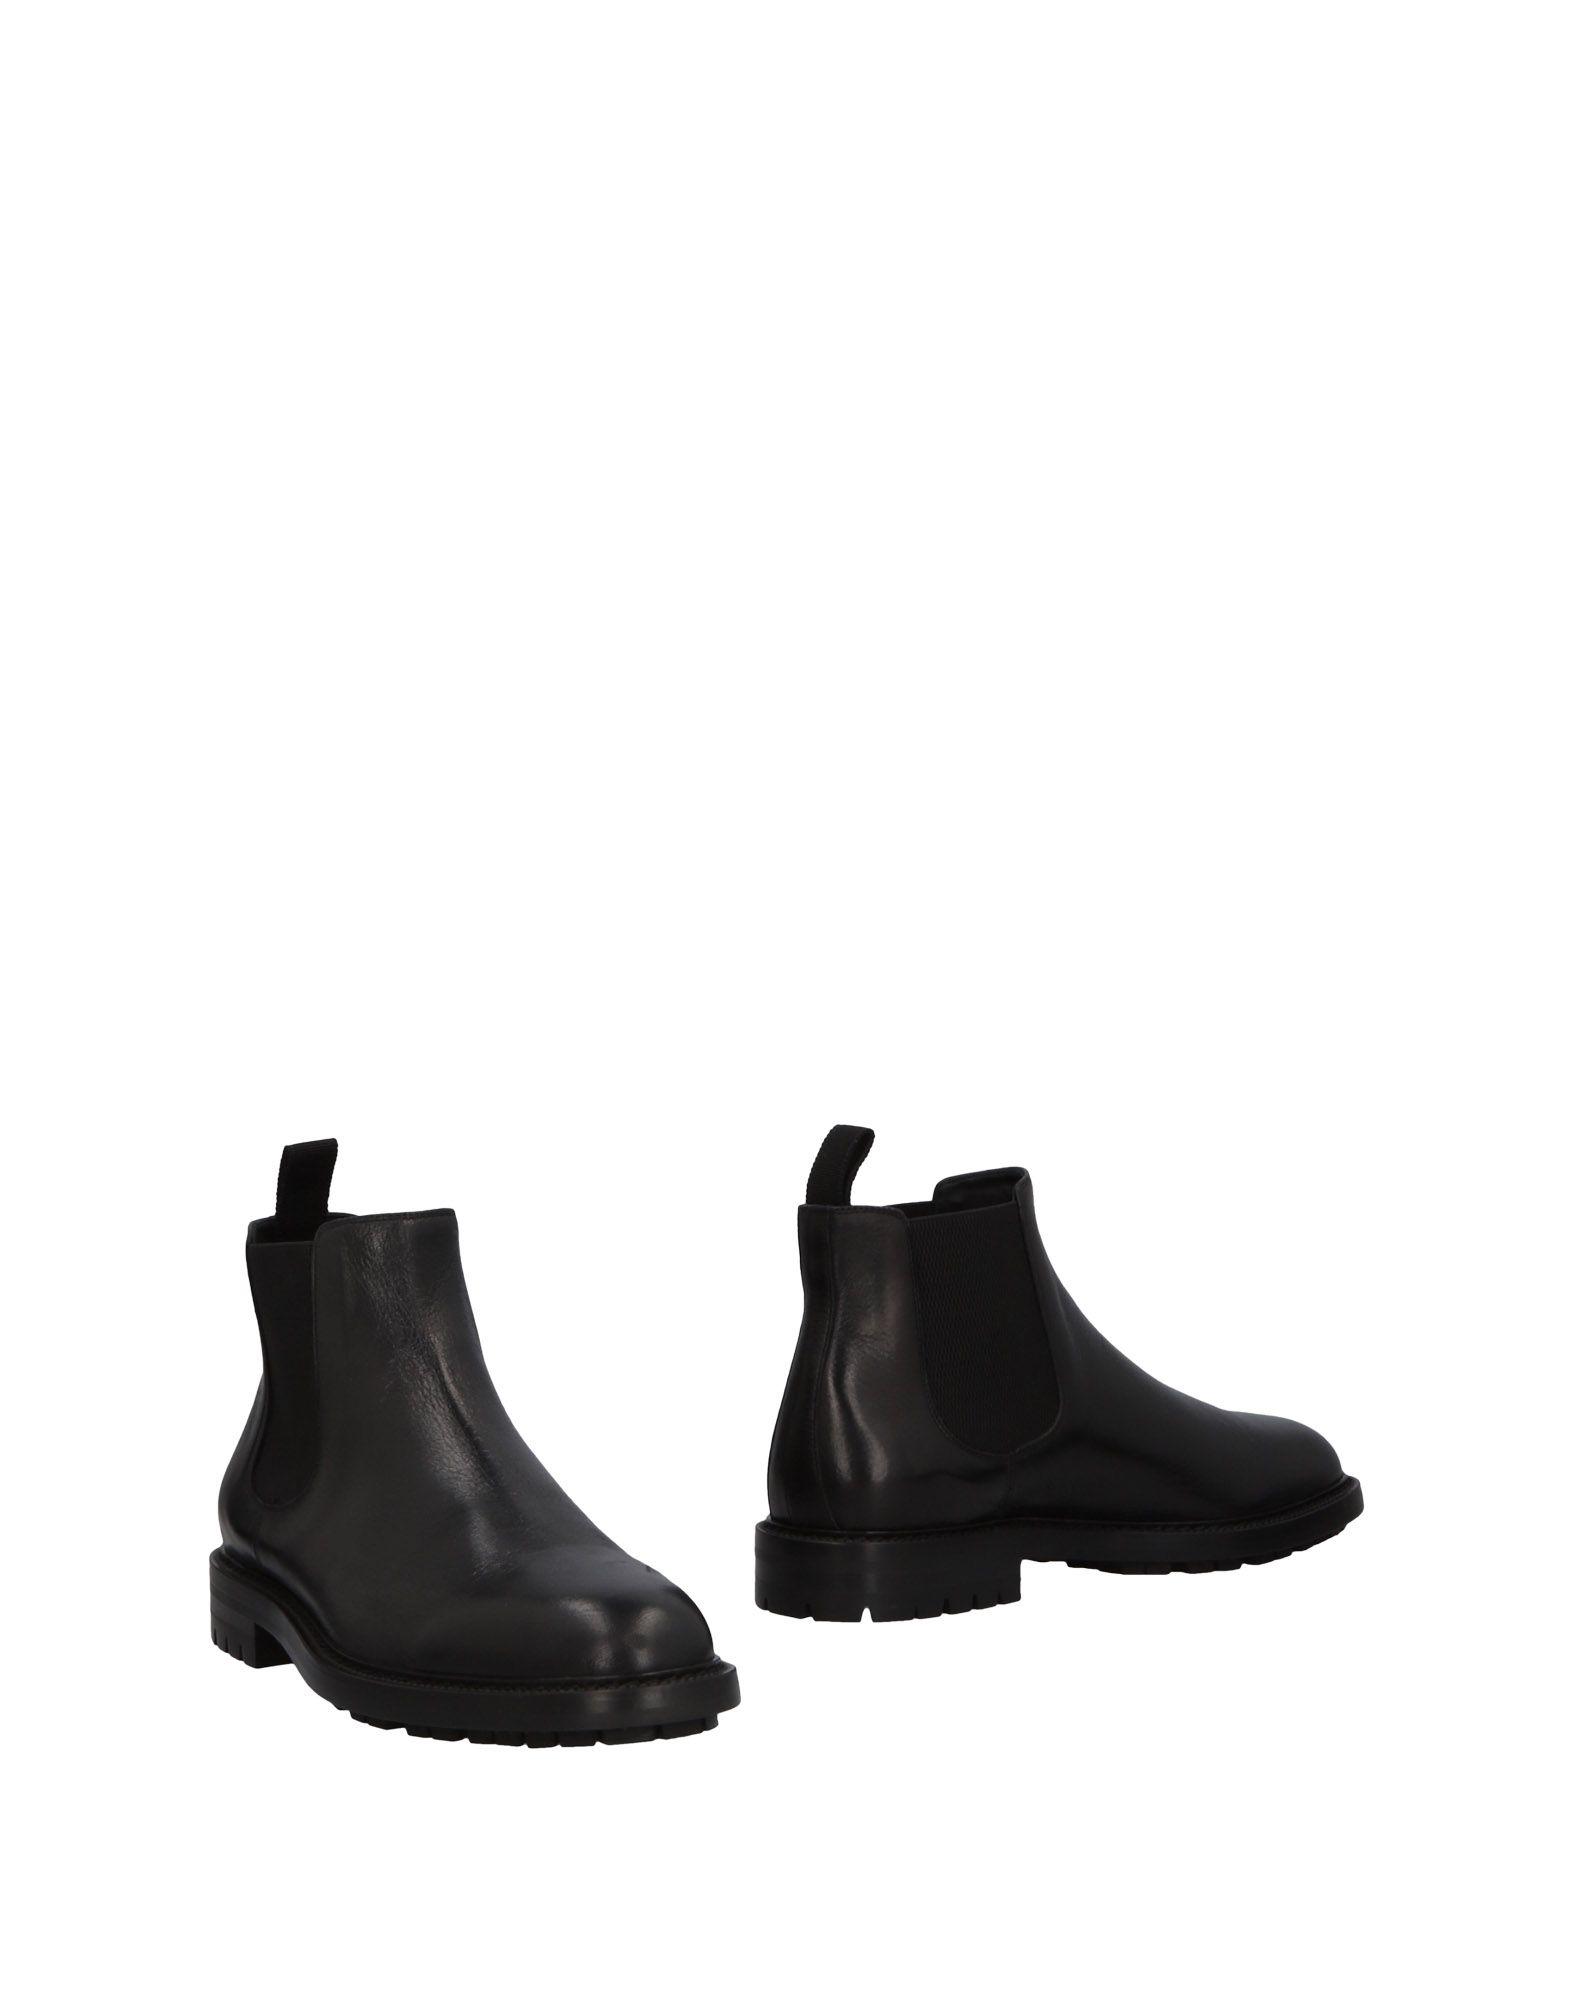 Dolce & Gabbana Stiefelette Herren  11465845OR Gute Qualität beliebte Schuhe